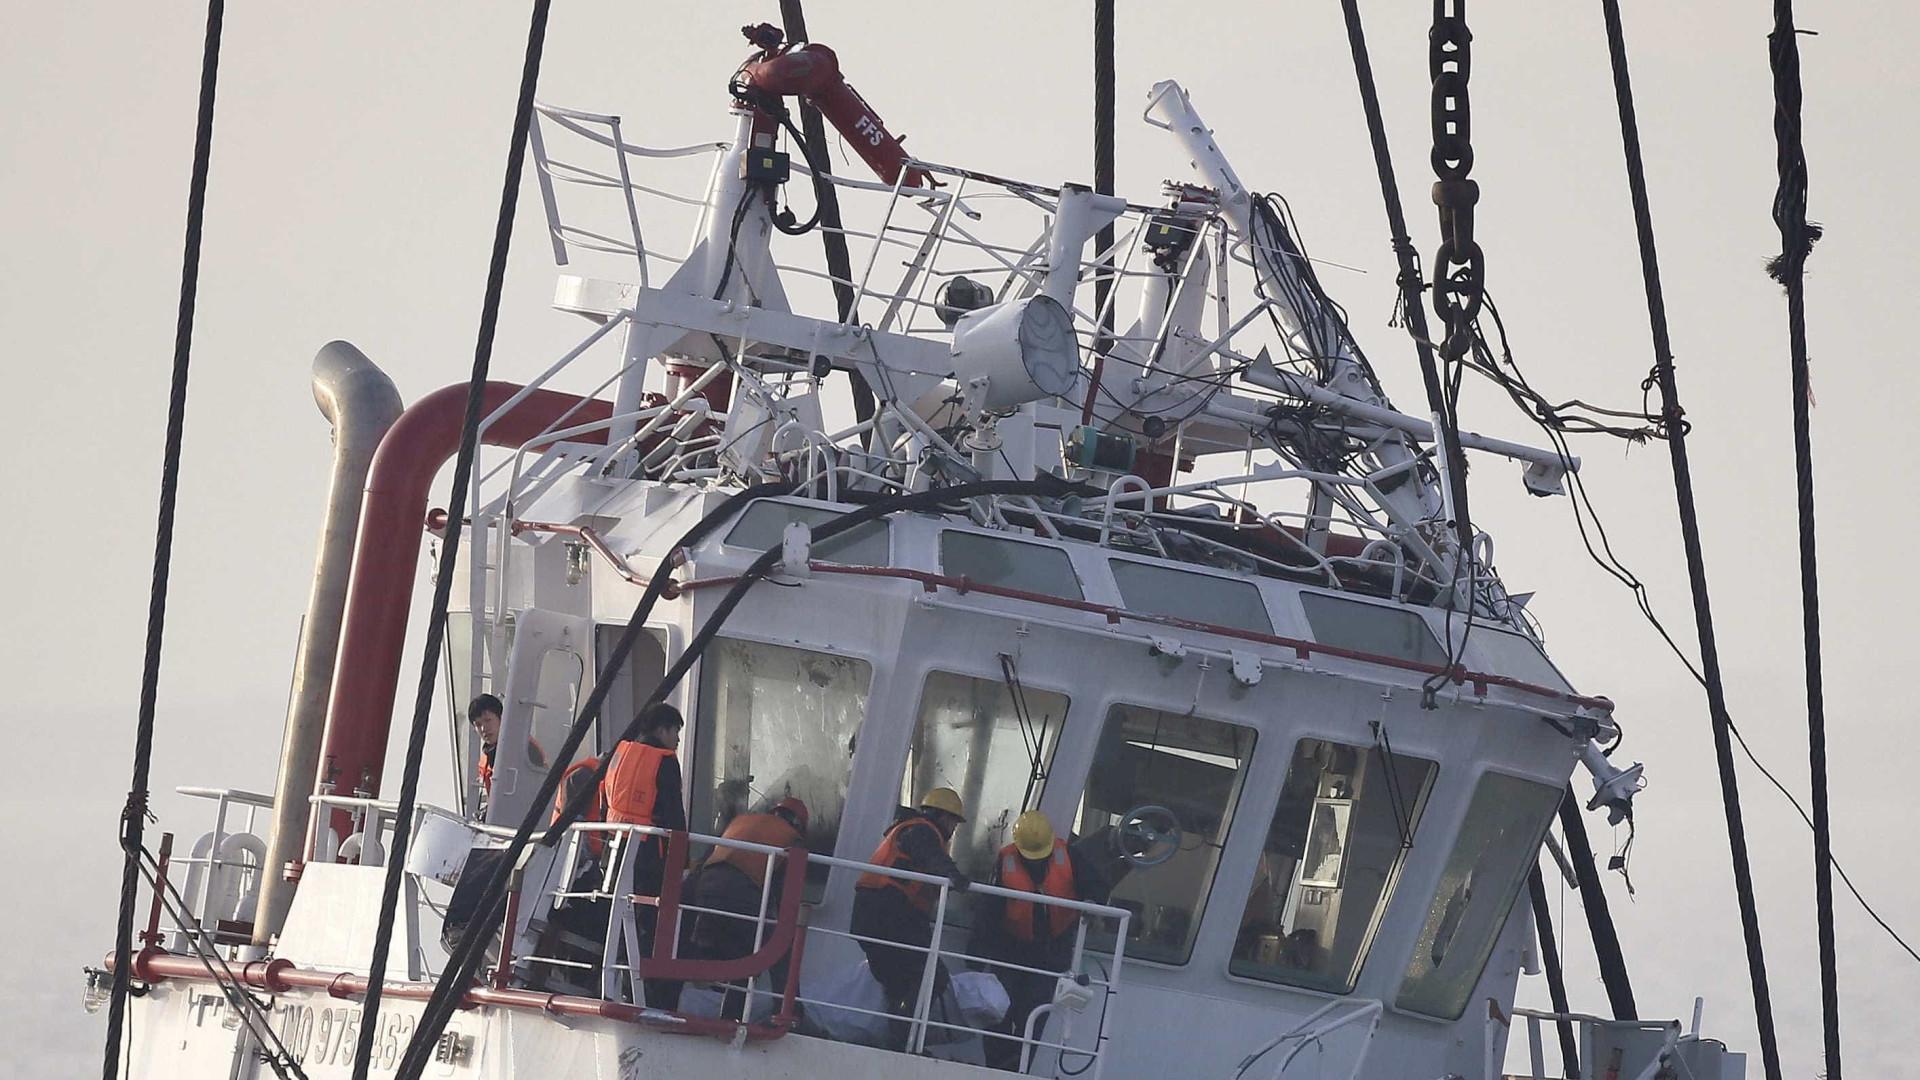 """Busca por pescadores desaparecidos """"adaptada para o período noturno"""""""